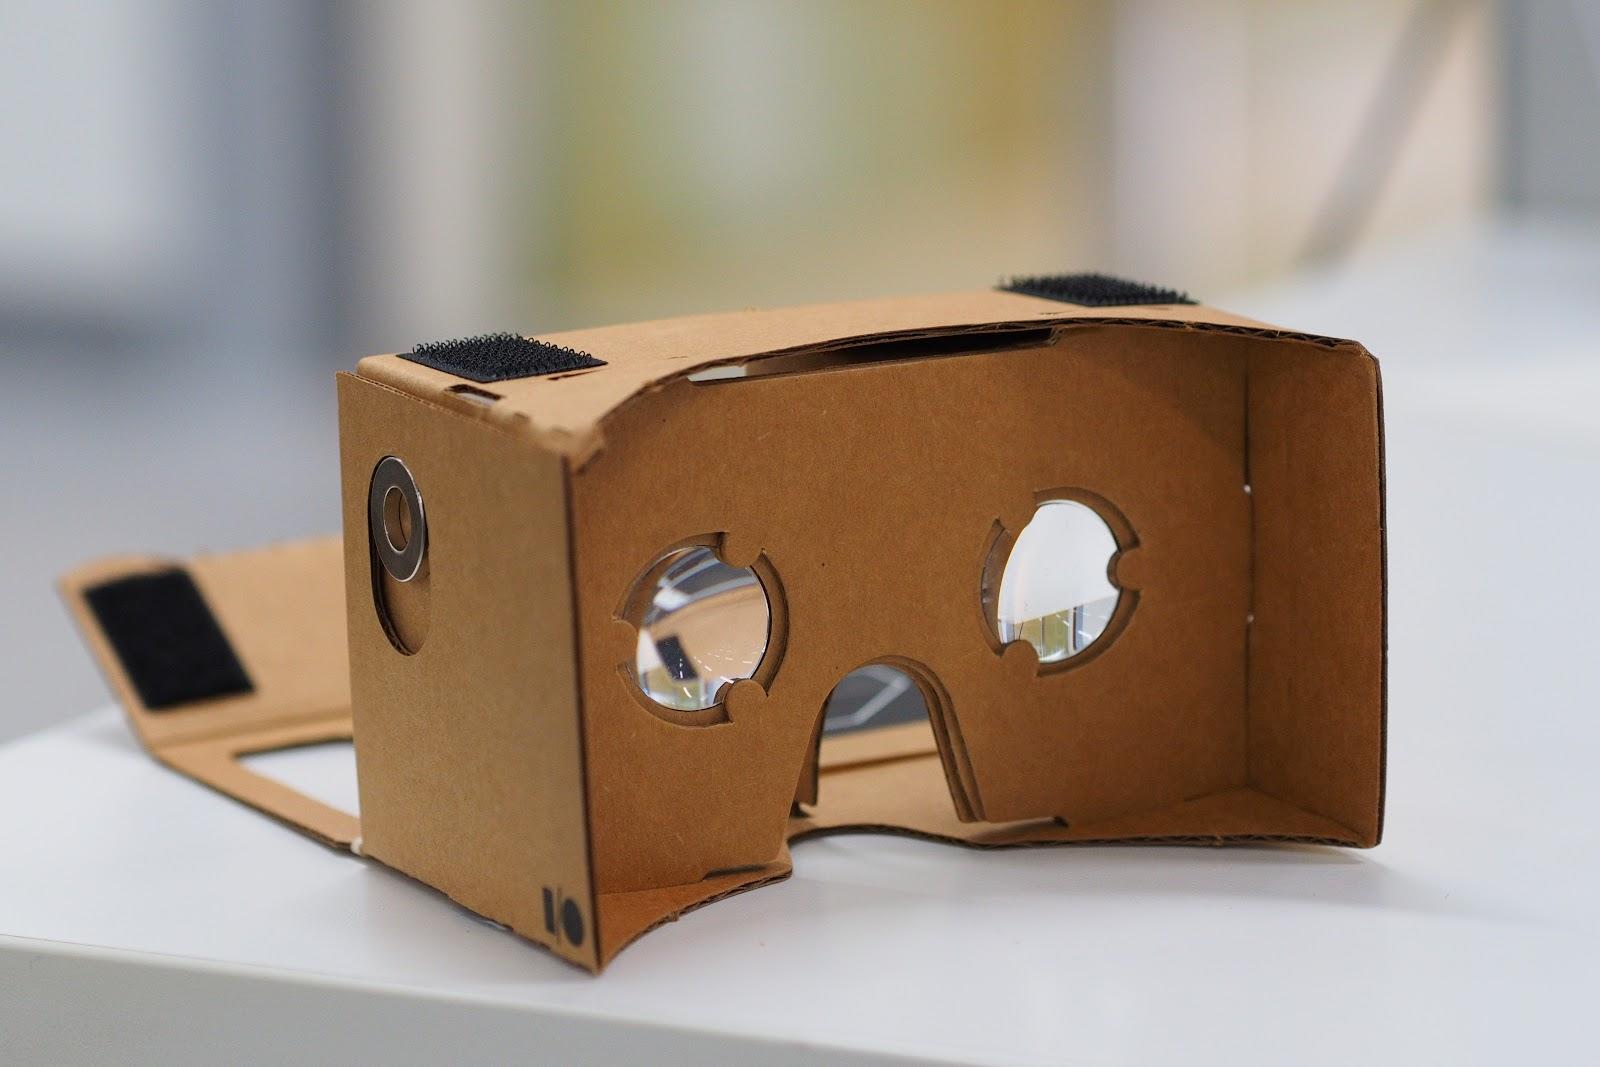 Assembled Google Cardboard VR